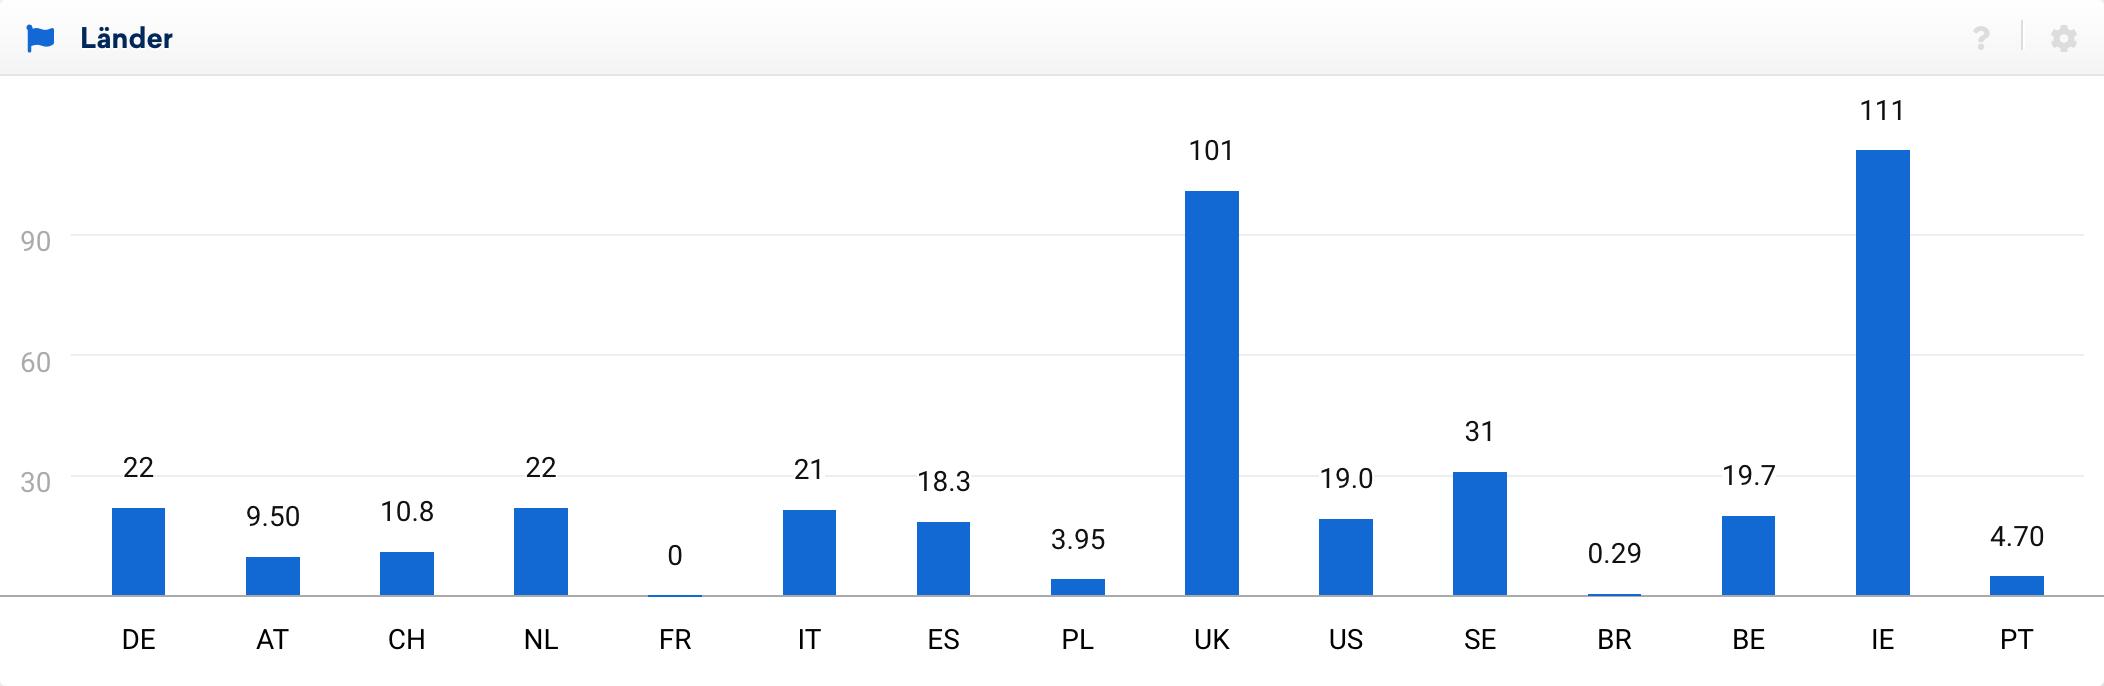 Ansicht der Sichtbarkeit über verschiedene Länder hinweg. Es zeigen sich starke Ausschläge in den Englischsprachigen Märkten, jedoch sind auch viele andere Europäische Märkte gut sichtbar.